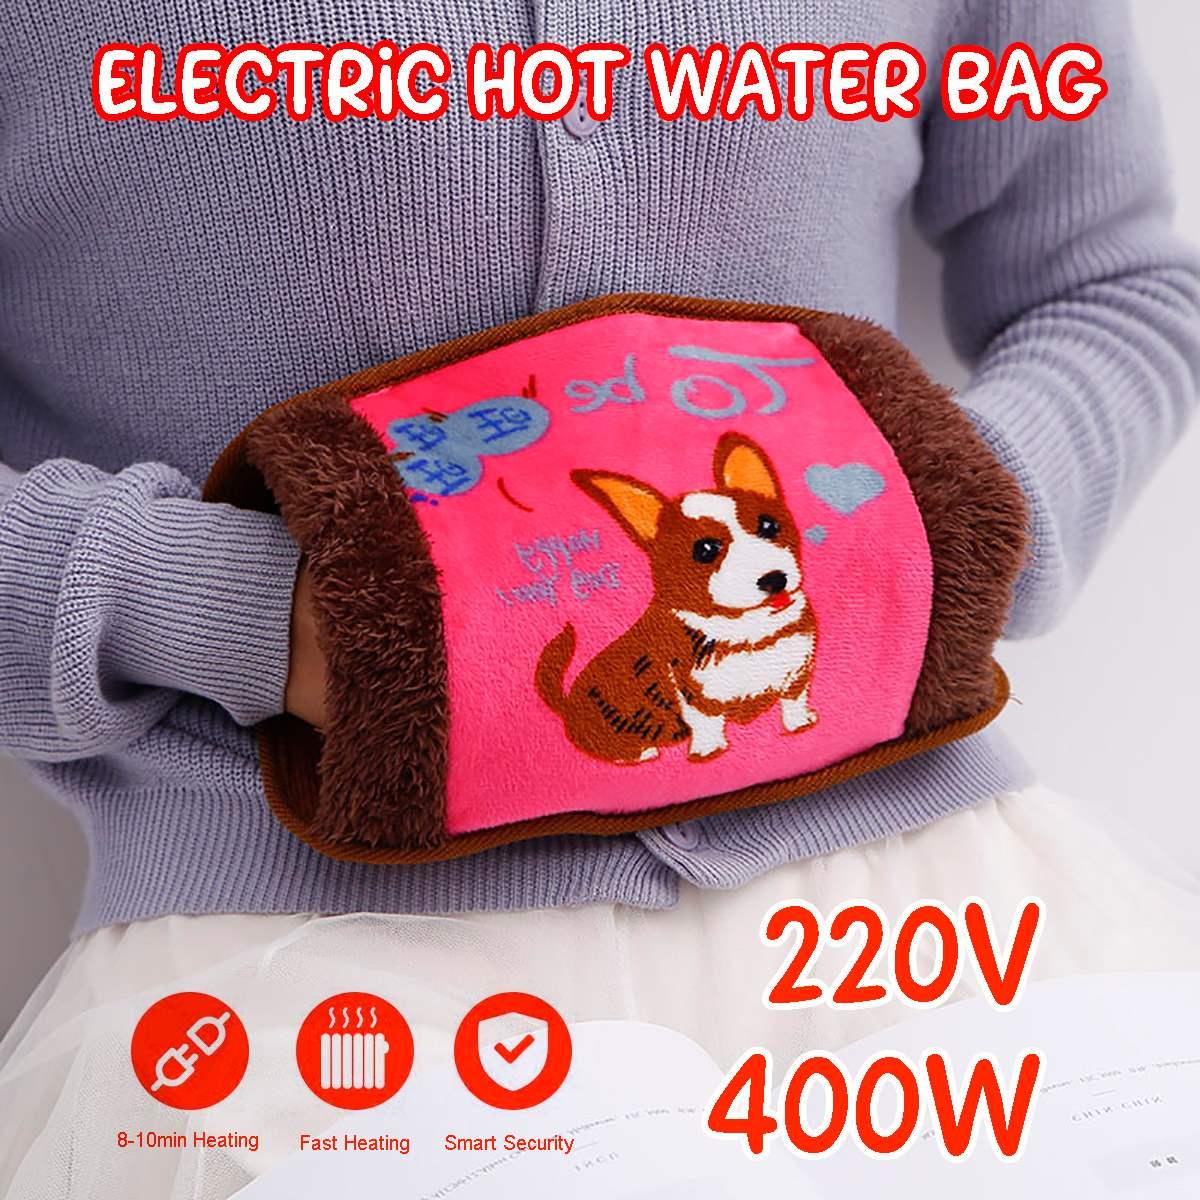 Электрический зимний подогреватель для рук, бутылка для горячей воды, ручная зарядка, электрическая сумка для горячей воды с случайным рису...